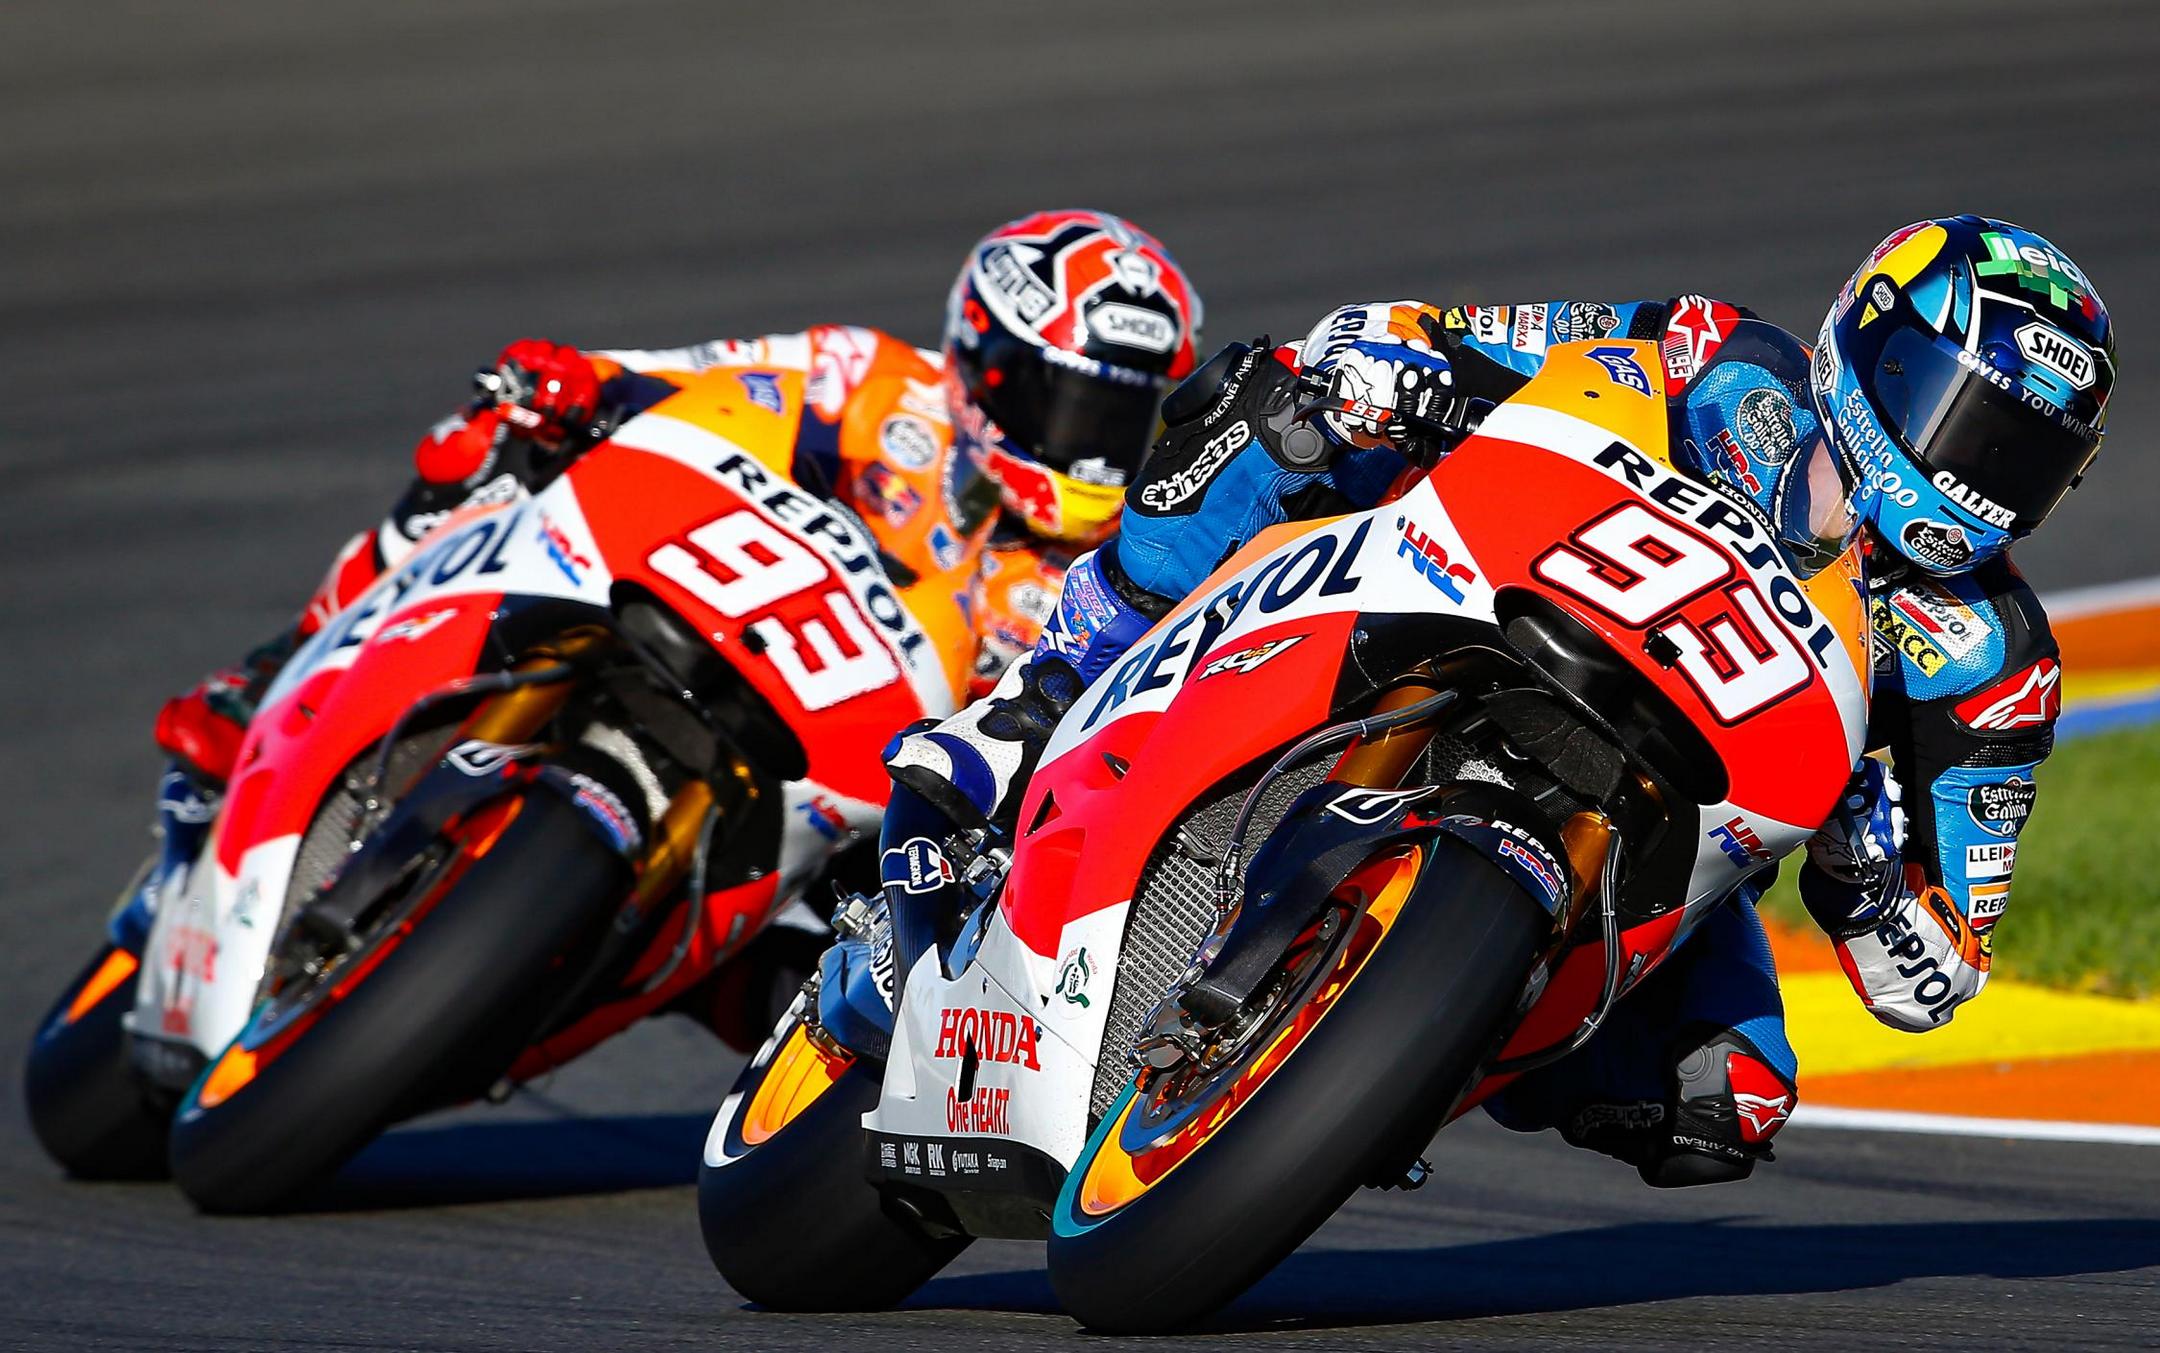 MotoGP, 2020: Já se fala de 2021 na Honda e Yamaha